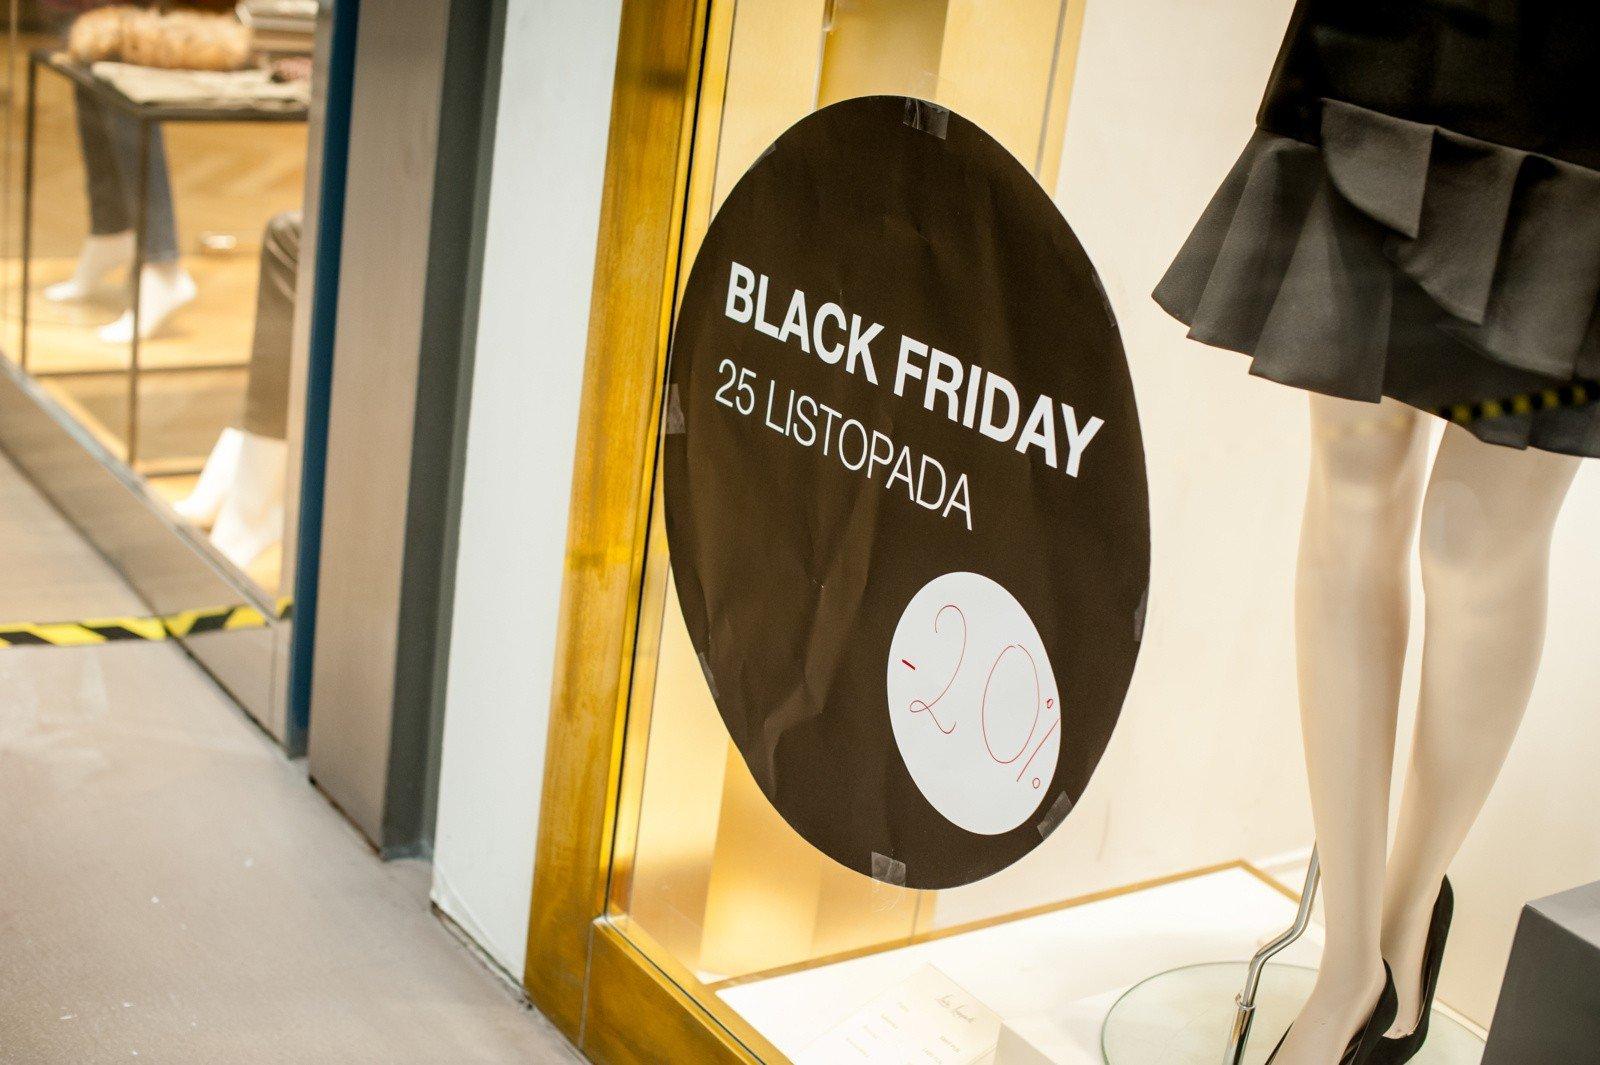 2ddf517476e6b Kiedy wypada Black Friday 2018? Jakie sklepy wezmą udział w Black Friday?  [DATA